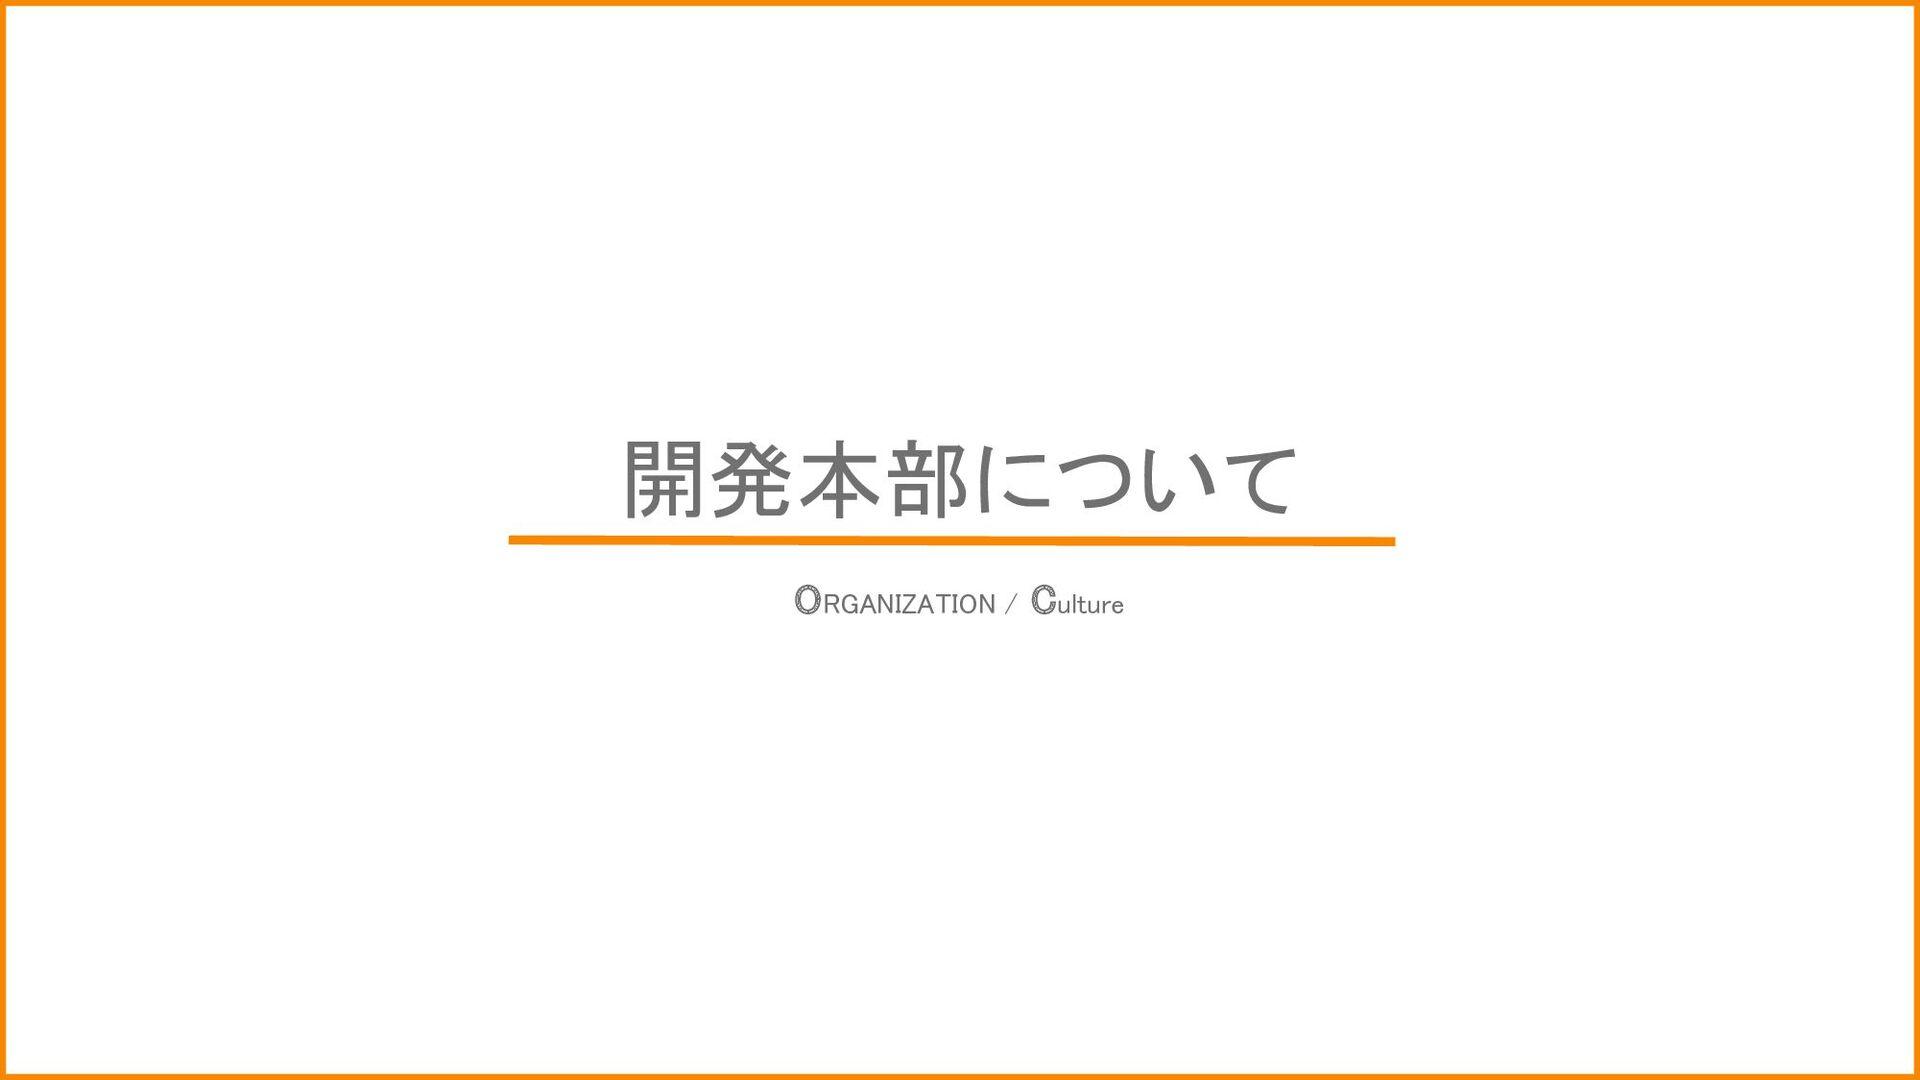 開発本部について ORGANIZATION / Culture